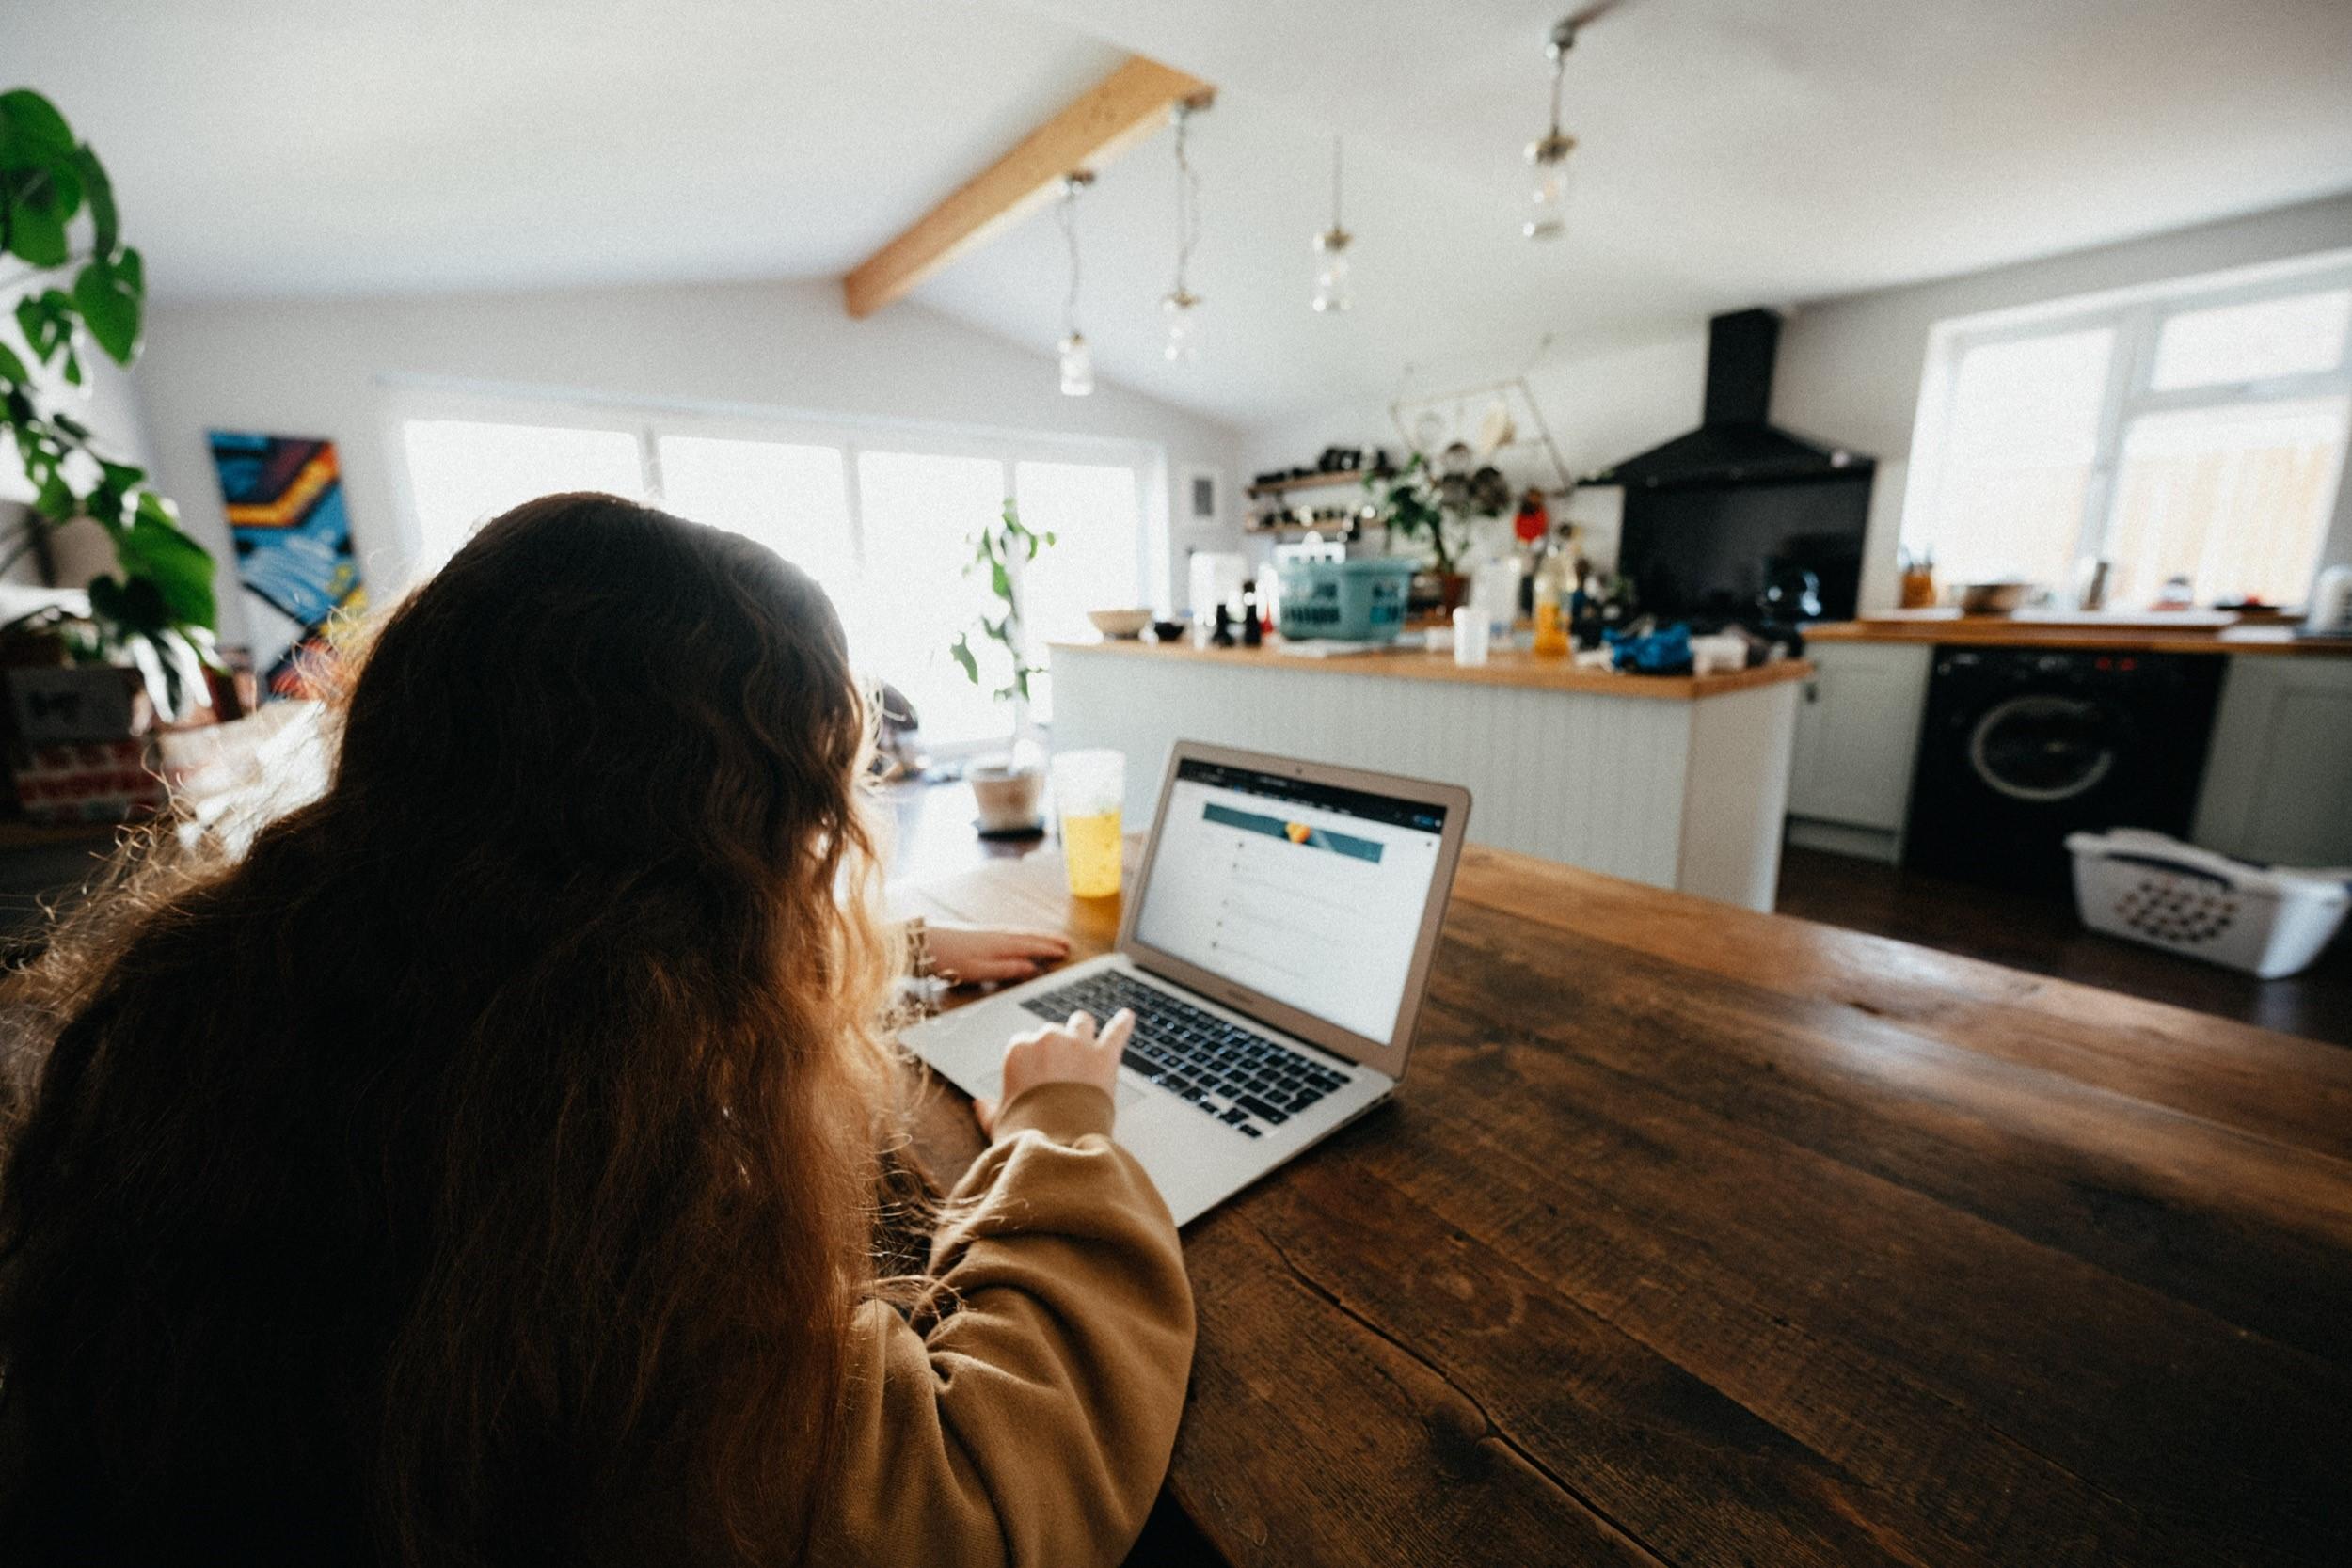 Thuiswerkvergoedingen tijdelijke verhoging door COVID-19